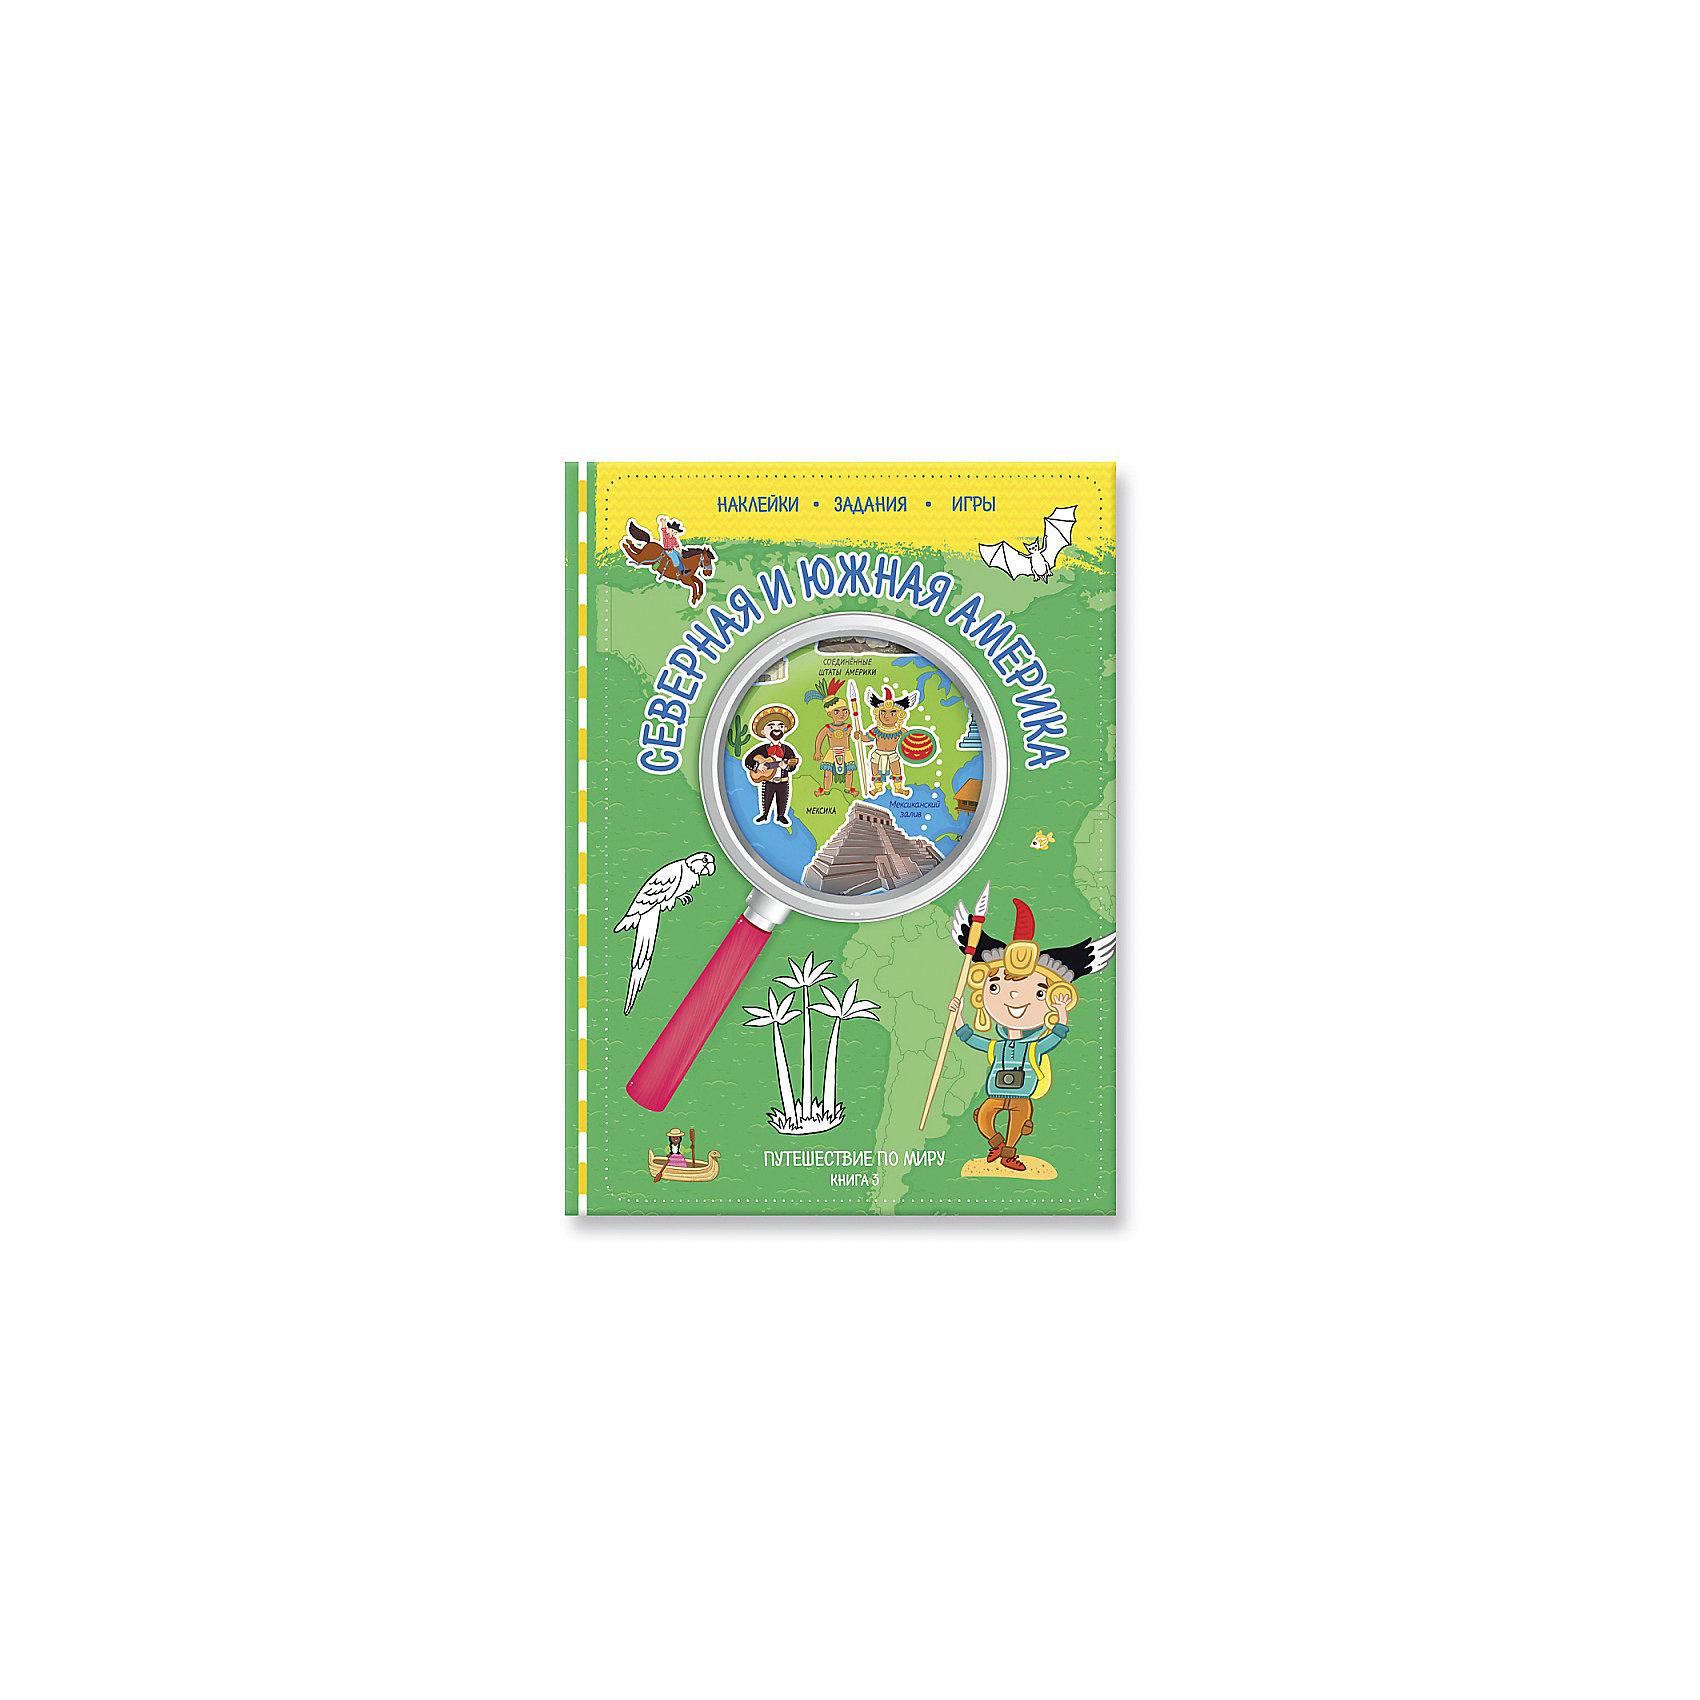 Книга 3 Северная и Южная Америка с наклейками, Путешествуй по мируЭто третья книга из новой серии «Путешествуй по миру».<br>Яркие иллюстрации, познавательные факты, интересные задания, мини-игры и наклейки помогут деткам исследовать таинственные джунгли Амазонки, рассмотреть костюмы знаменитого бразильского карнавала и достопримечательности Соединённых Штатов. Мягкий переплет.<br><br>Ширина мм: 210<br>Глубина мм: 287<br>Высота мм: 5<br>Вес г: 102<br>Возраст от месяцев: 72<br>Возраст до месяцев: 108<br>Пол: Унисекс<br>Возраст: Детский<br>SKU: 5423034